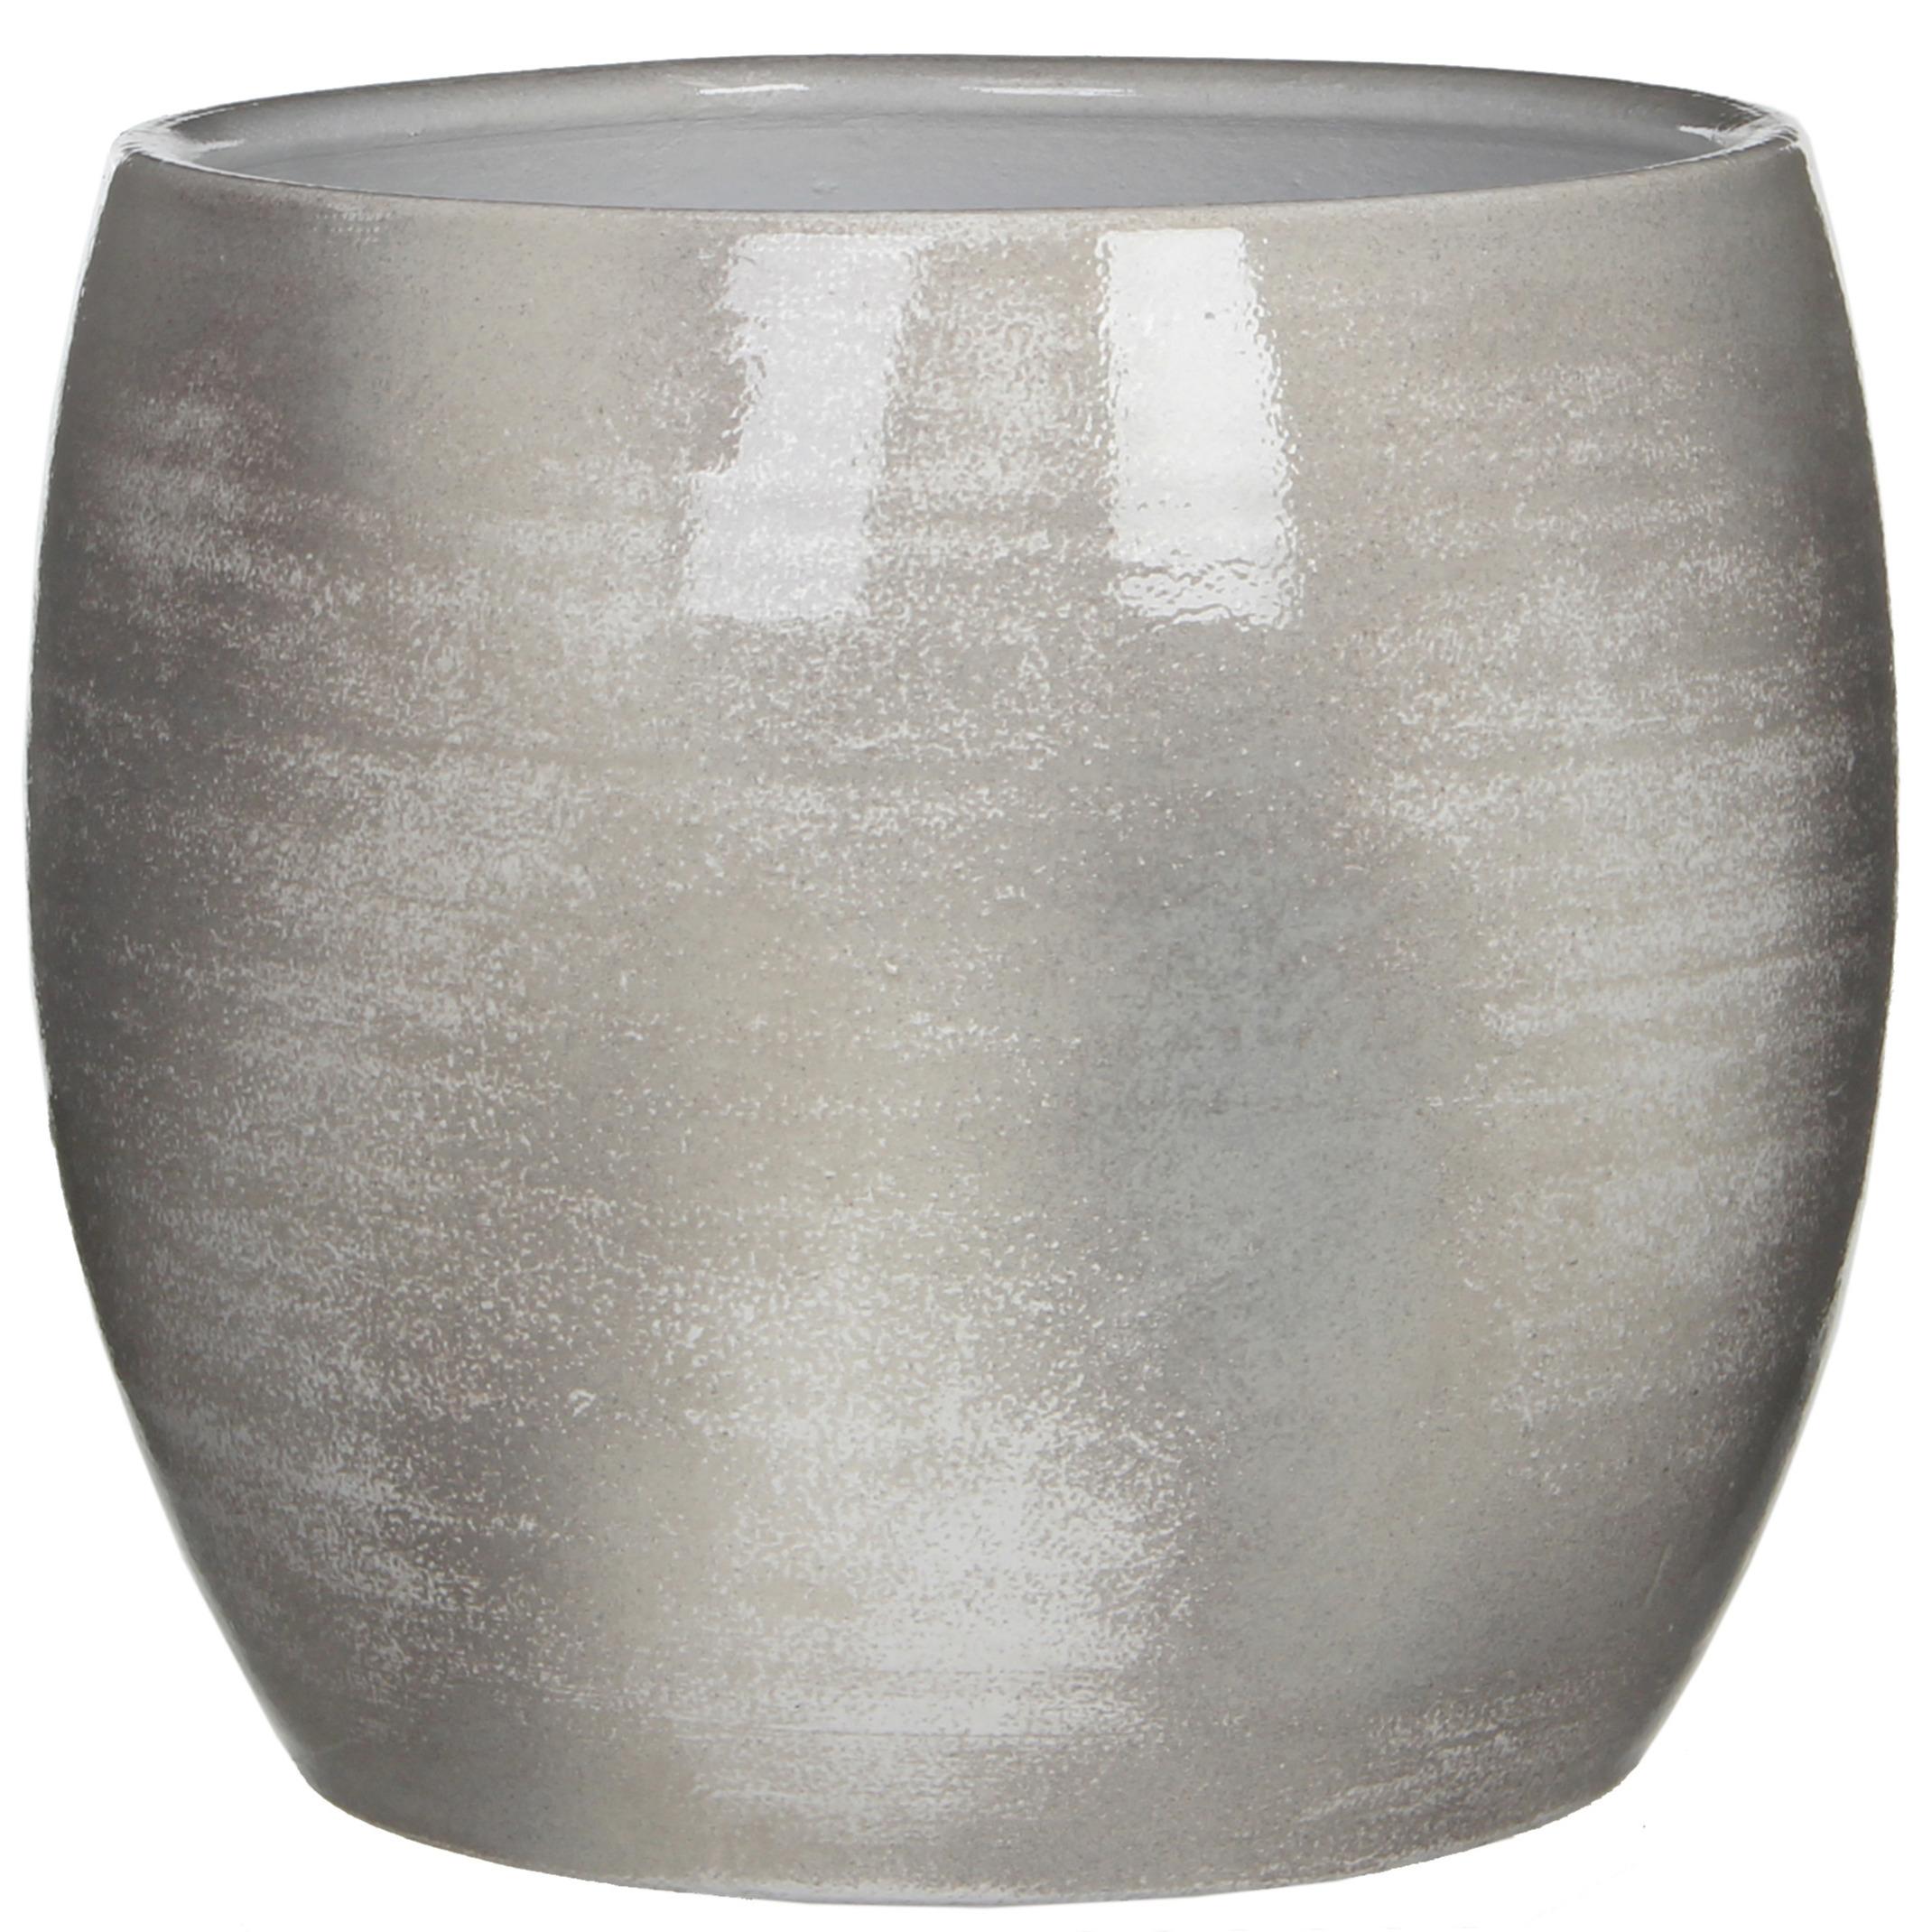 Bloempot in het shiny lightgrey stone keramiek voor kamerplant H26 x D28 cm -